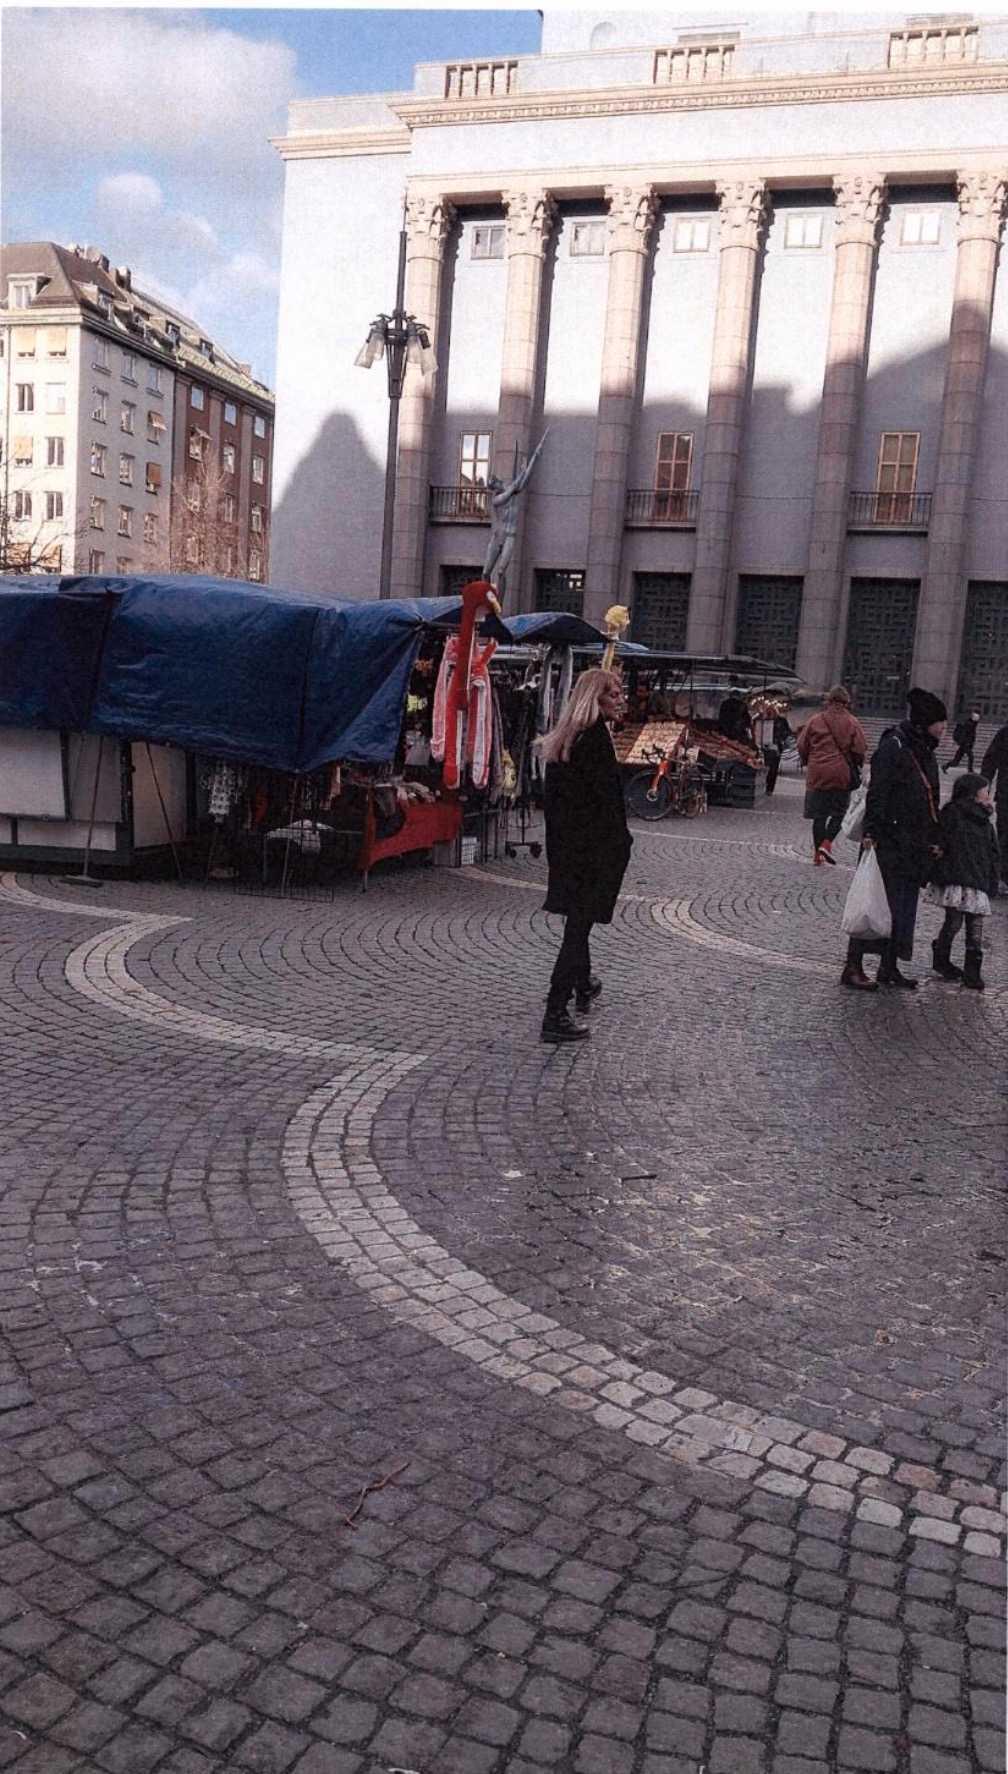 Akilovs bilder från Hötorget, centrala Stockholm.